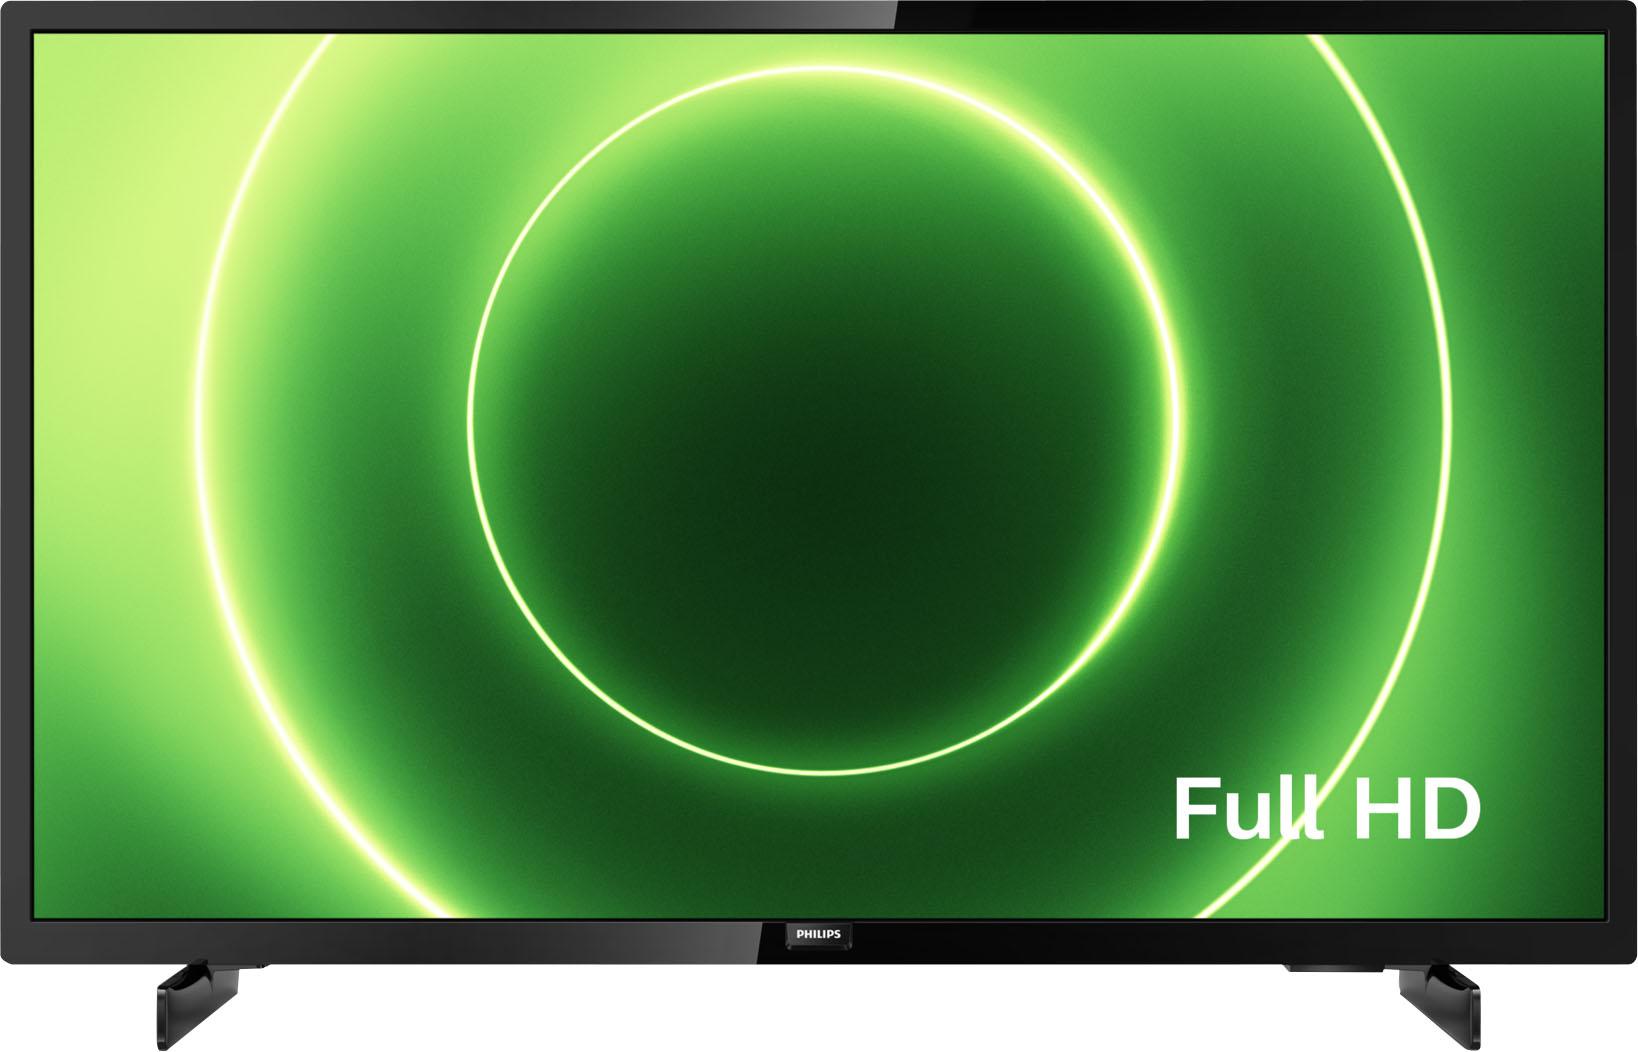 Philips LED-Fernseher 43PFS6805 12 , 108 cm 43 , Full HD, Smart-TV